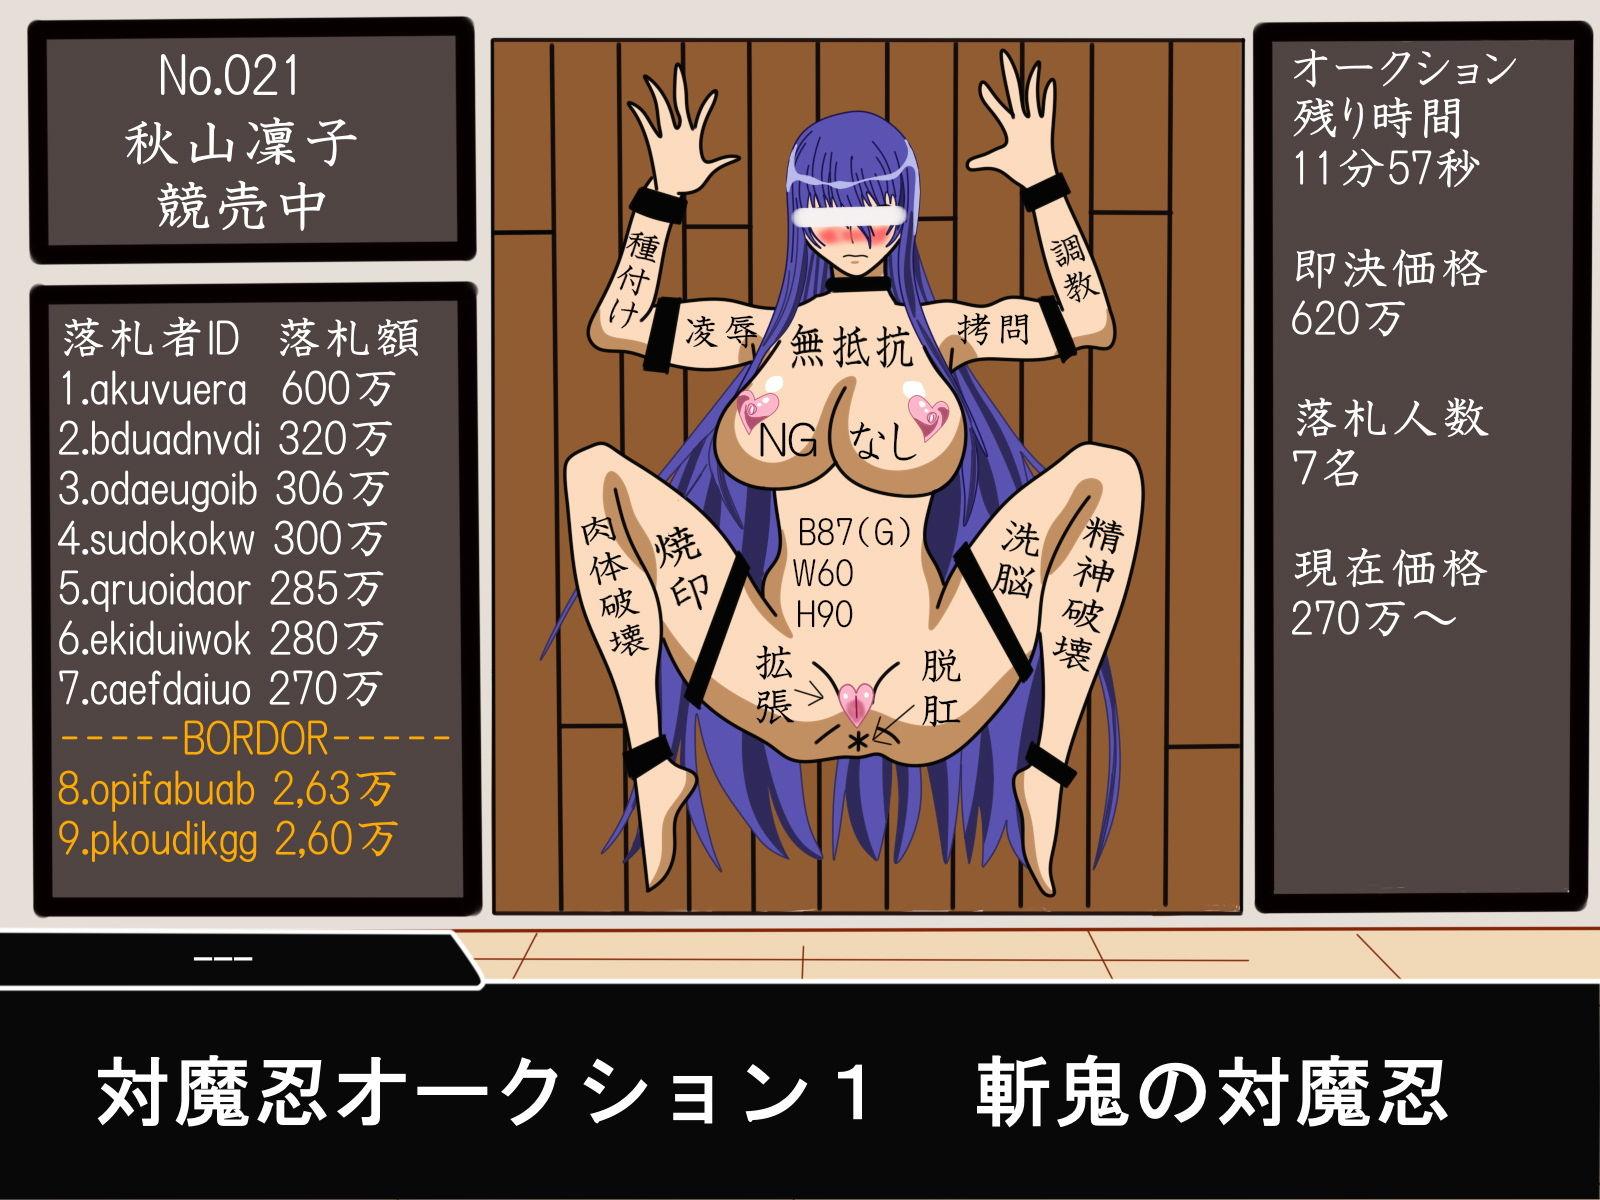 対魔忍オークション 斬鬼の対魔忍(seekmaker store) [d_178468] 1